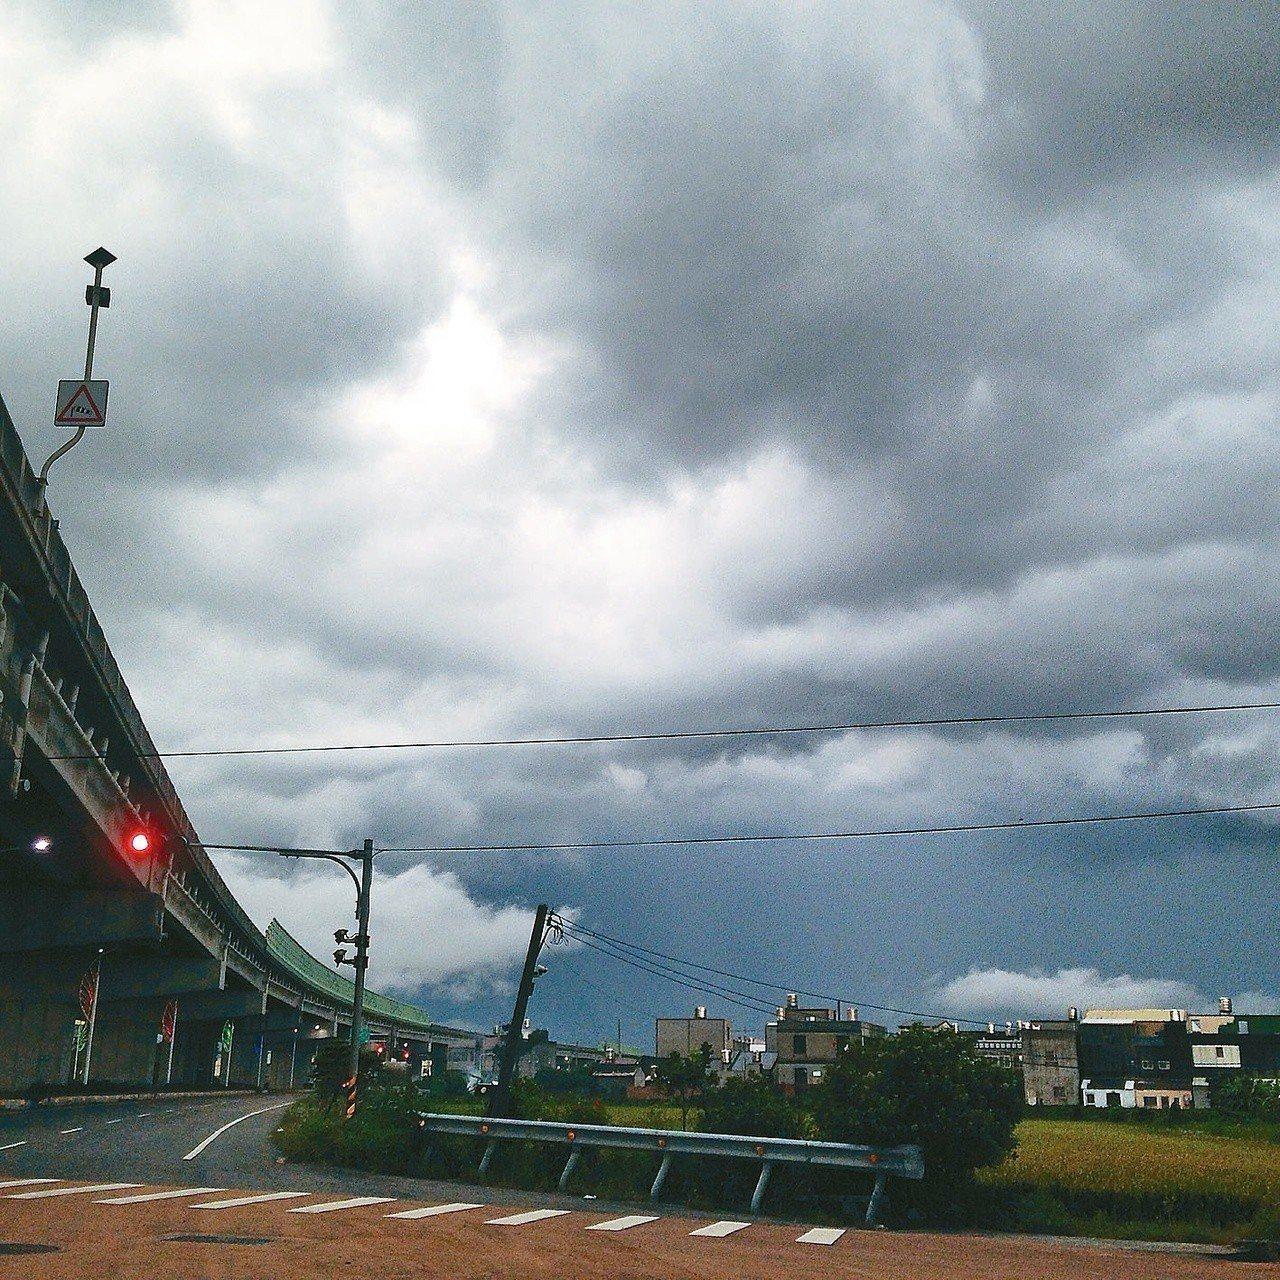 下雨之前的一個紅燈,最後一束天光即將消失。